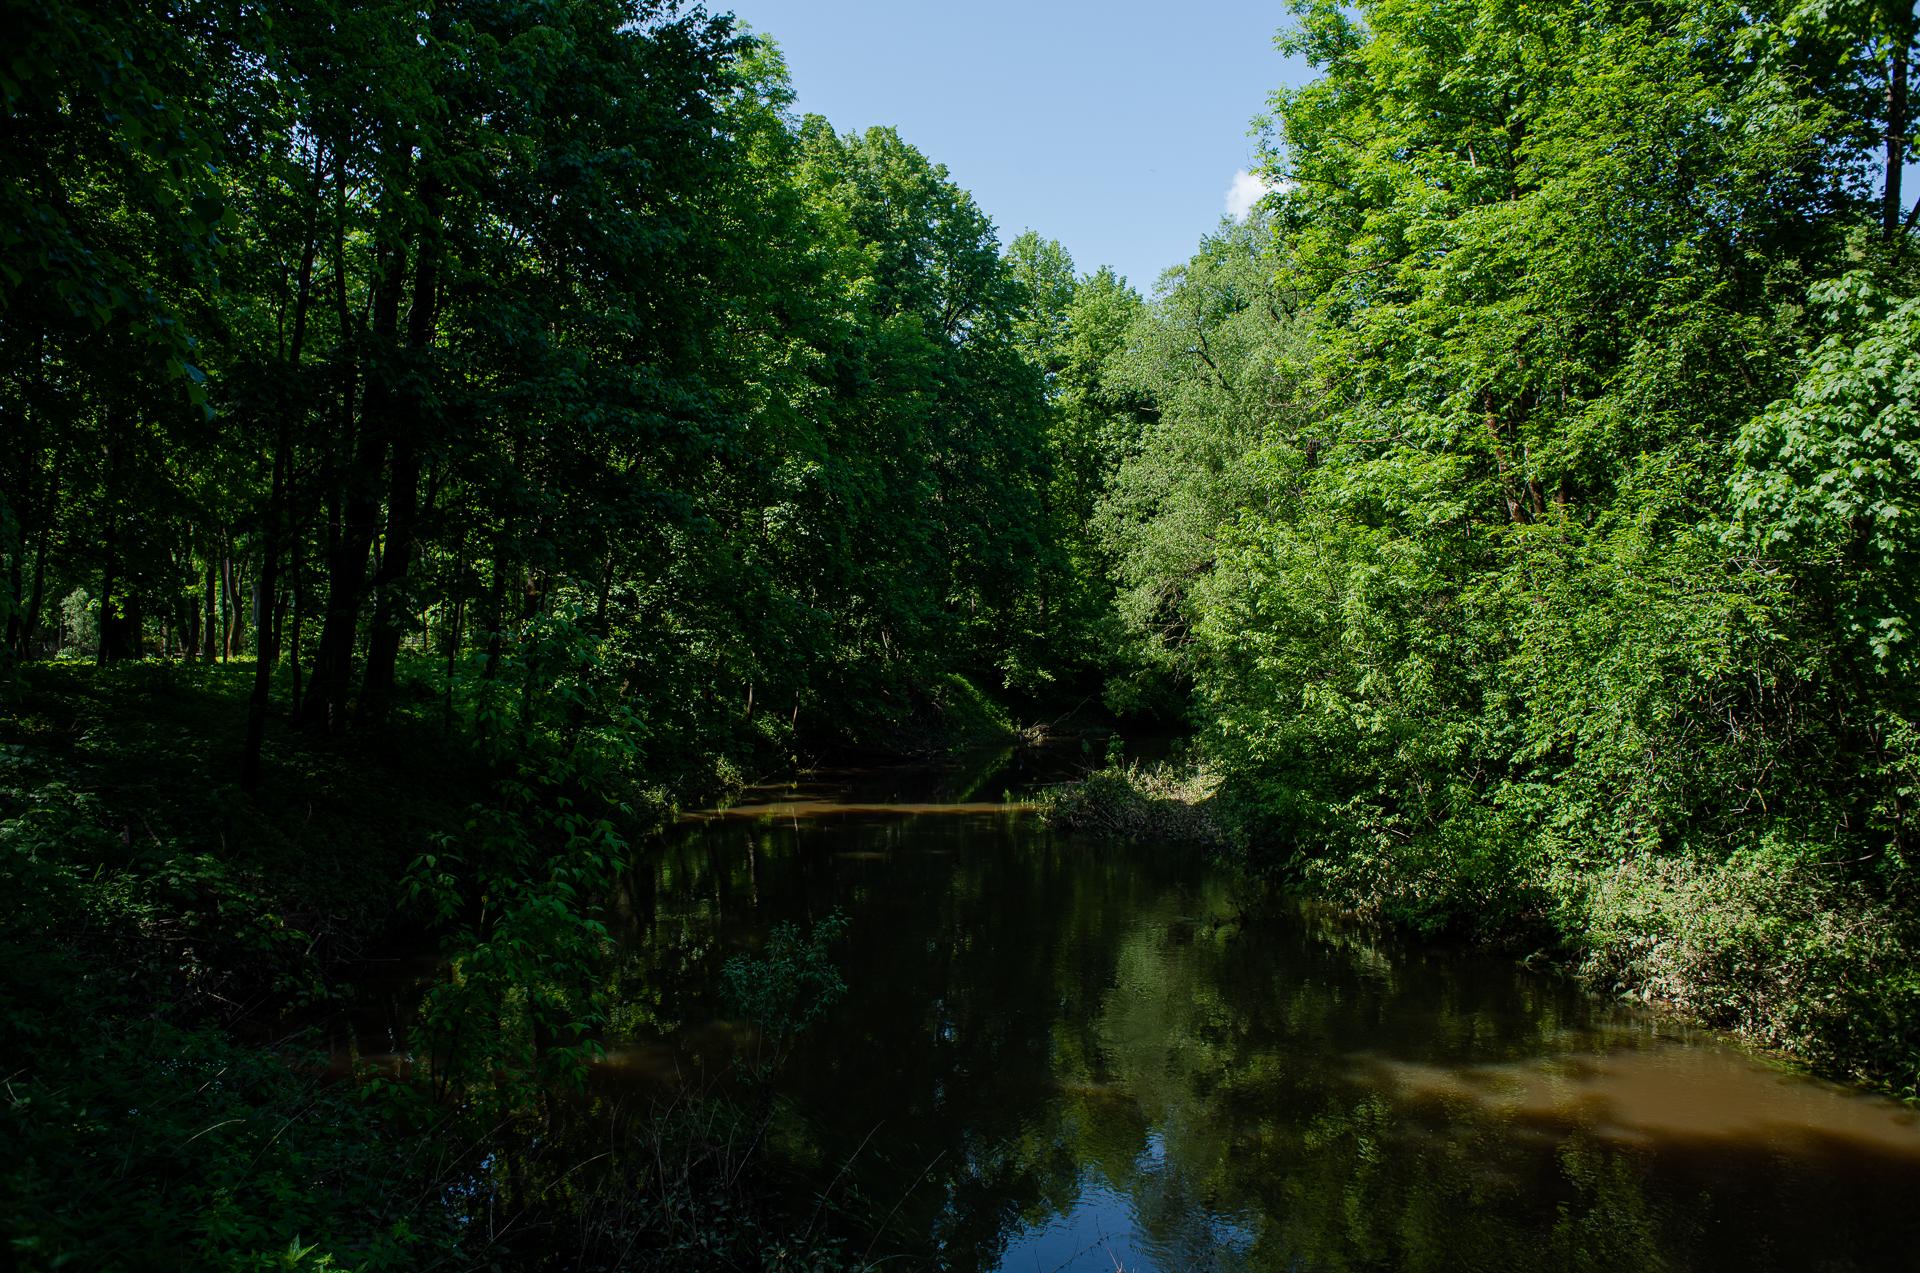 Лотошино, Лотошинский парк культуры и отдыха, р. Лобь